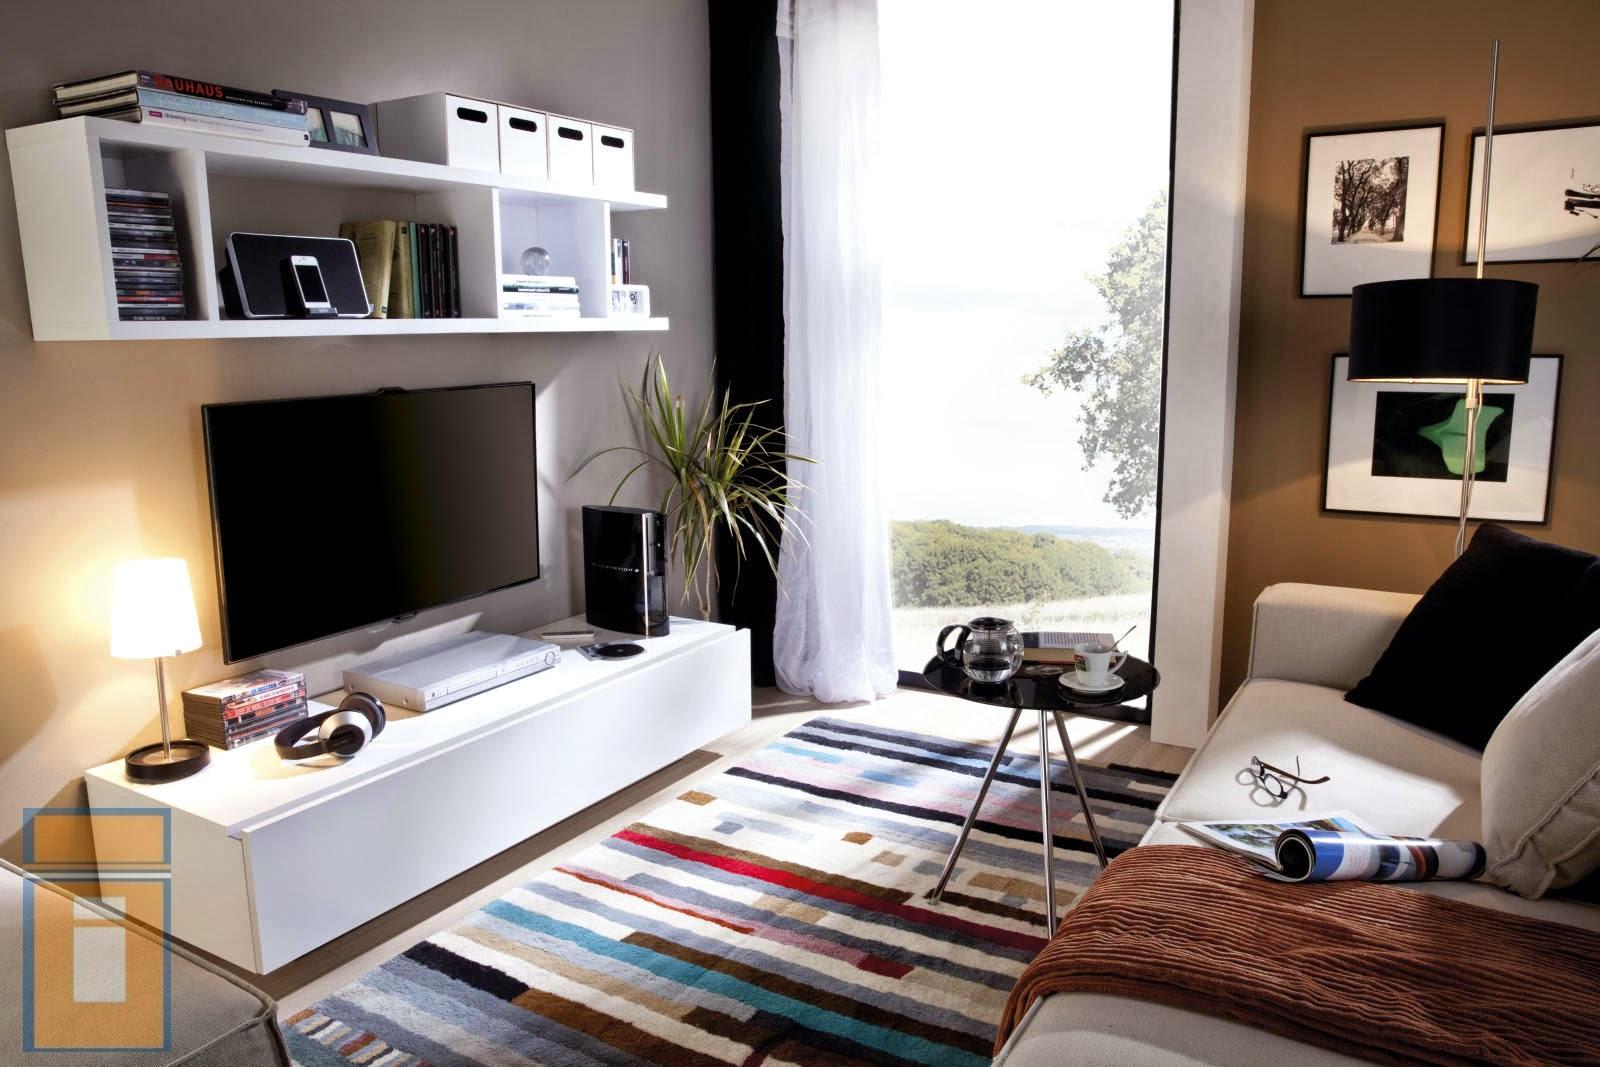 Armimobel muebles con vida comedores modulares hazlo for Muebles modernos para comedores pequenos